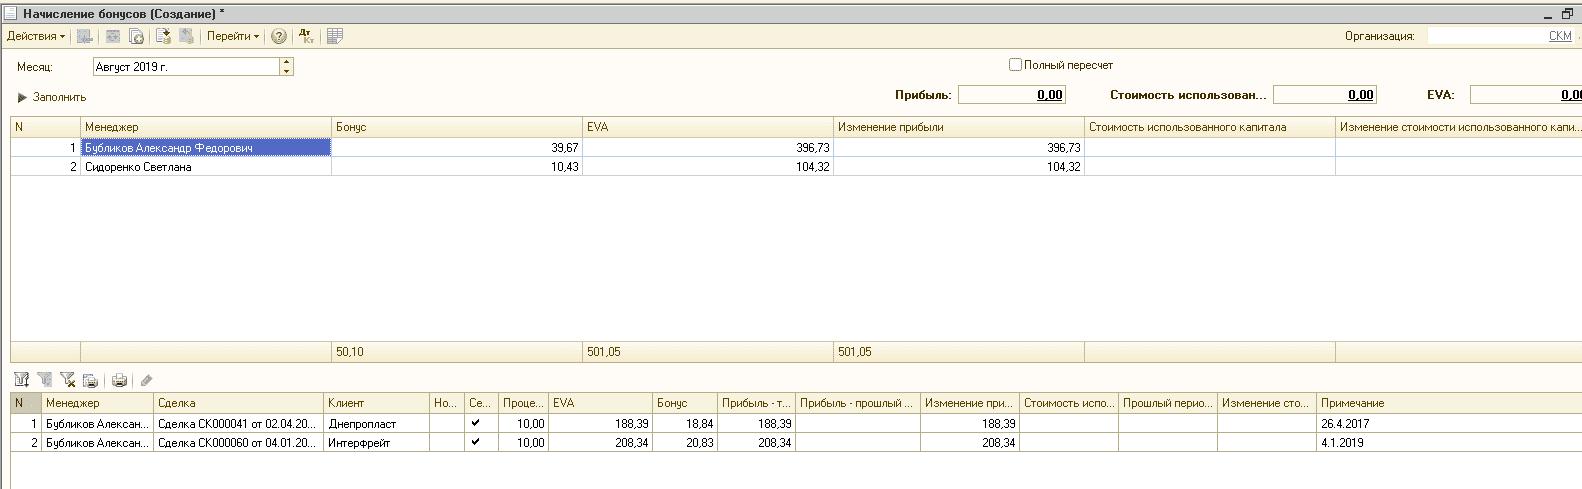 форма документа начисление бонусов софт-про